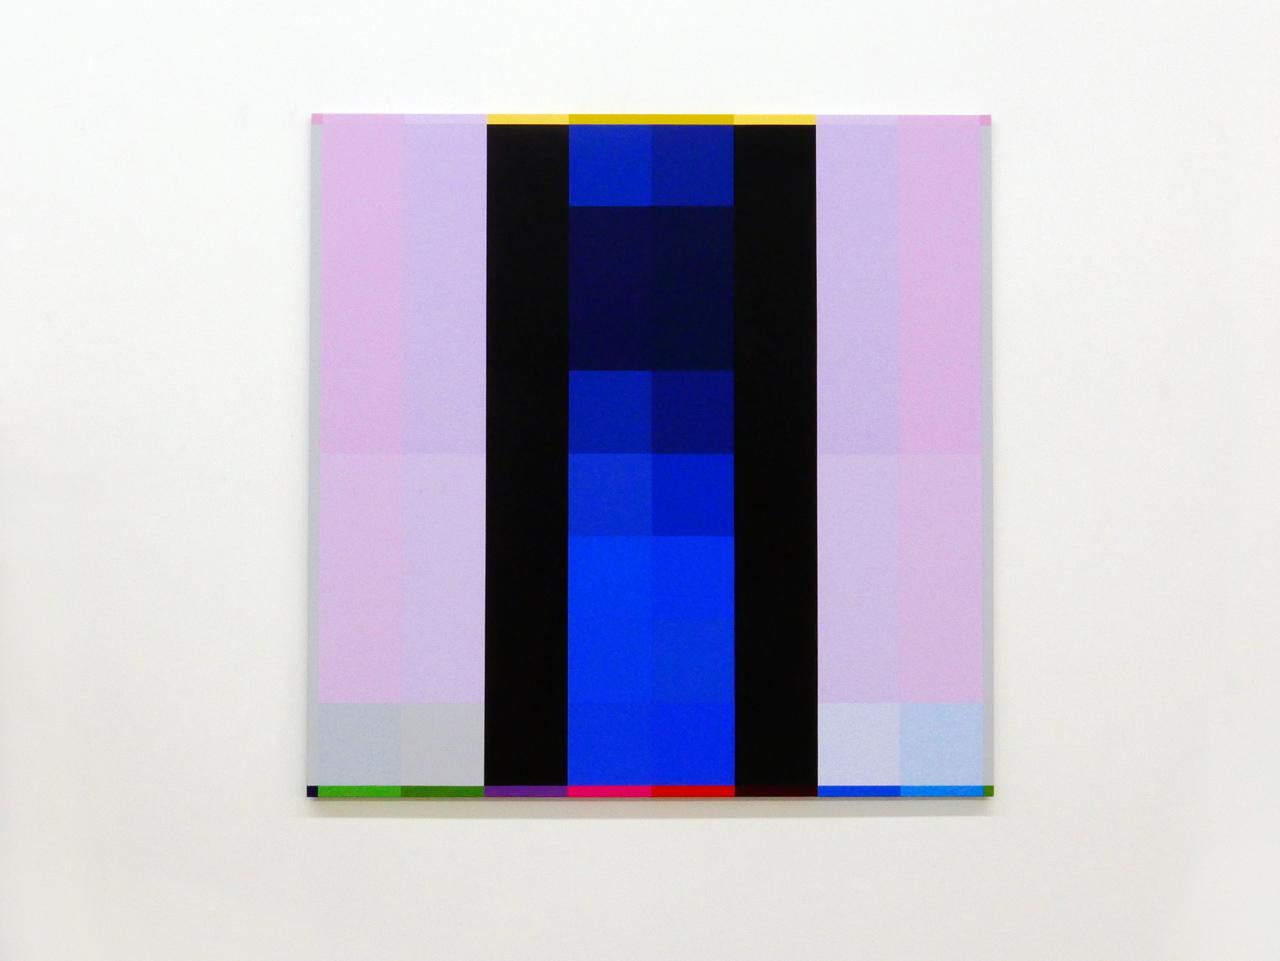 ROBERT OWEN   First Light #1  2016 - 2018 Synthetic polymer paint on linen 122 x 122 cm